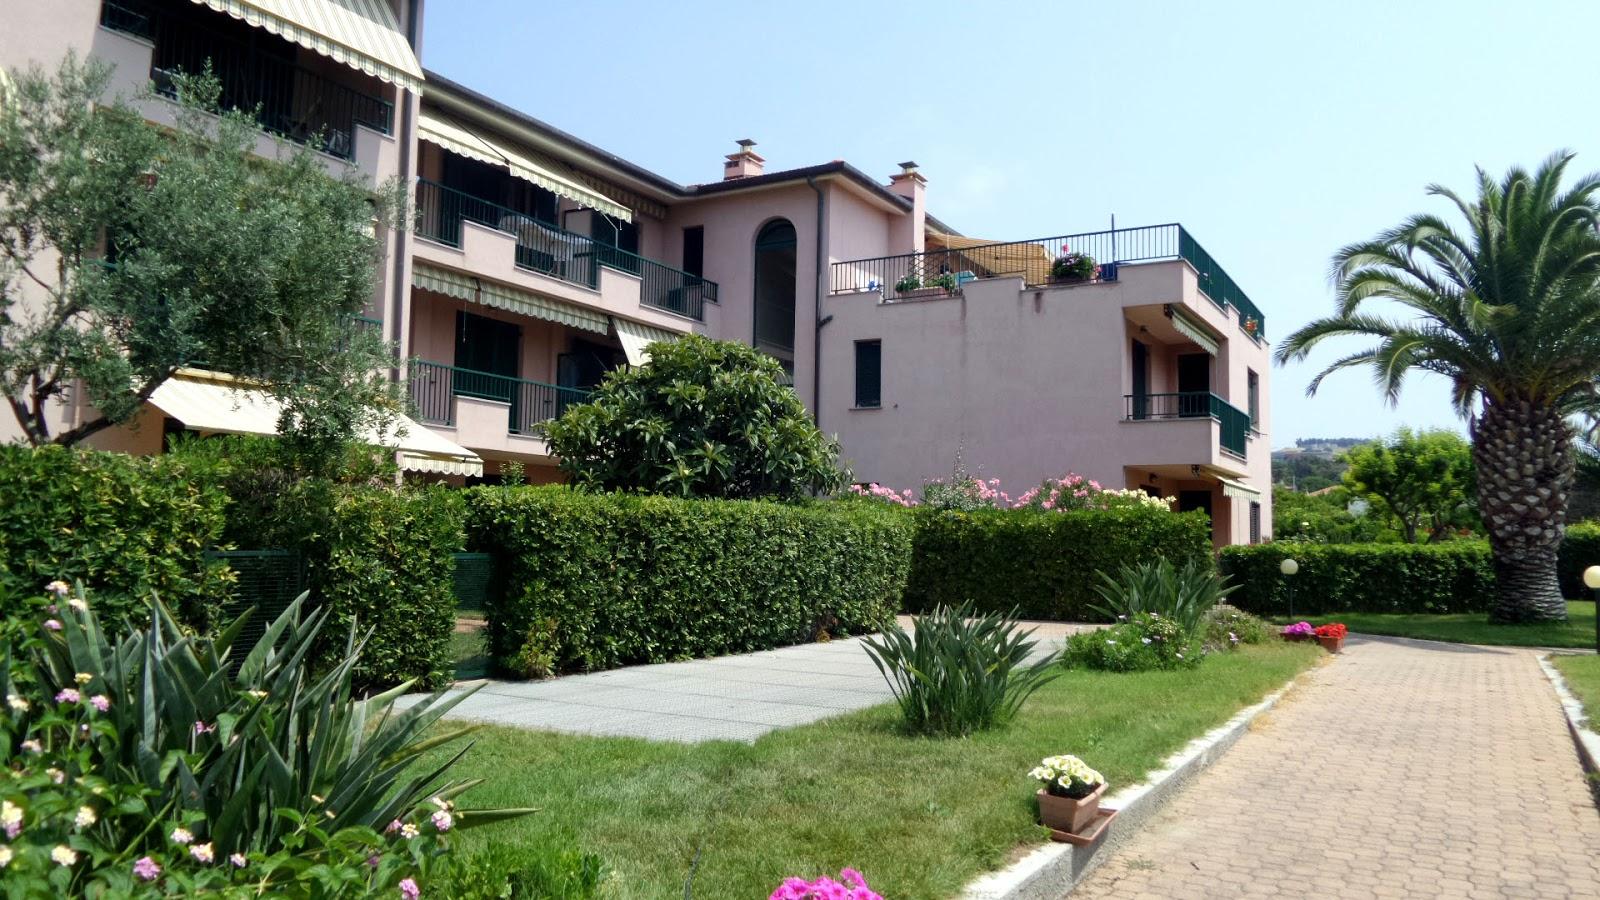 Case in vendita al mare imperia casa in vendita a santo for Luddui case vendita